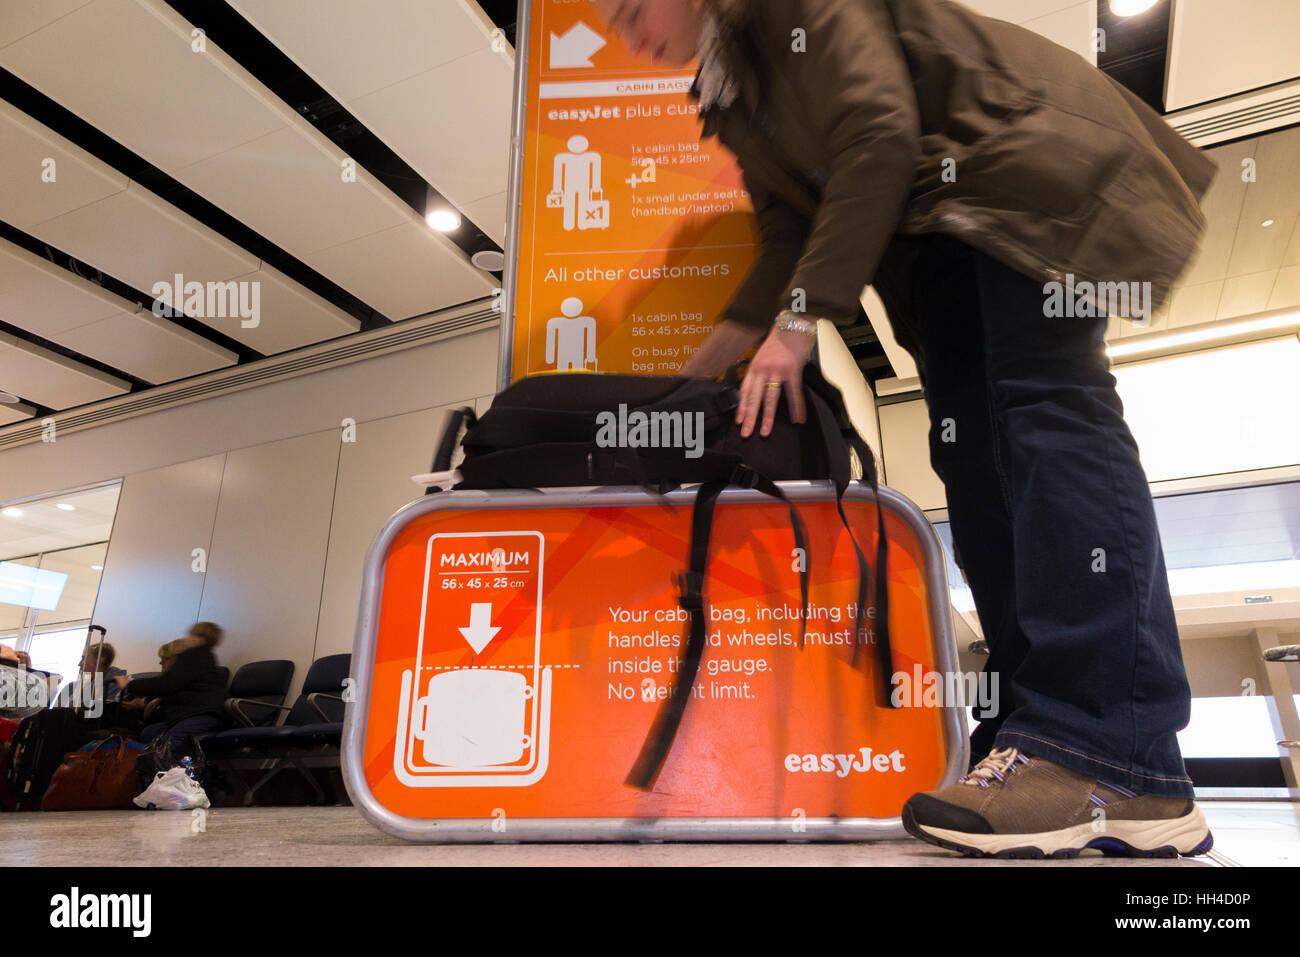 belle couleur chaussure vente à bas prix La taille des bagages sac cage châssis : testeur de mesurer ...